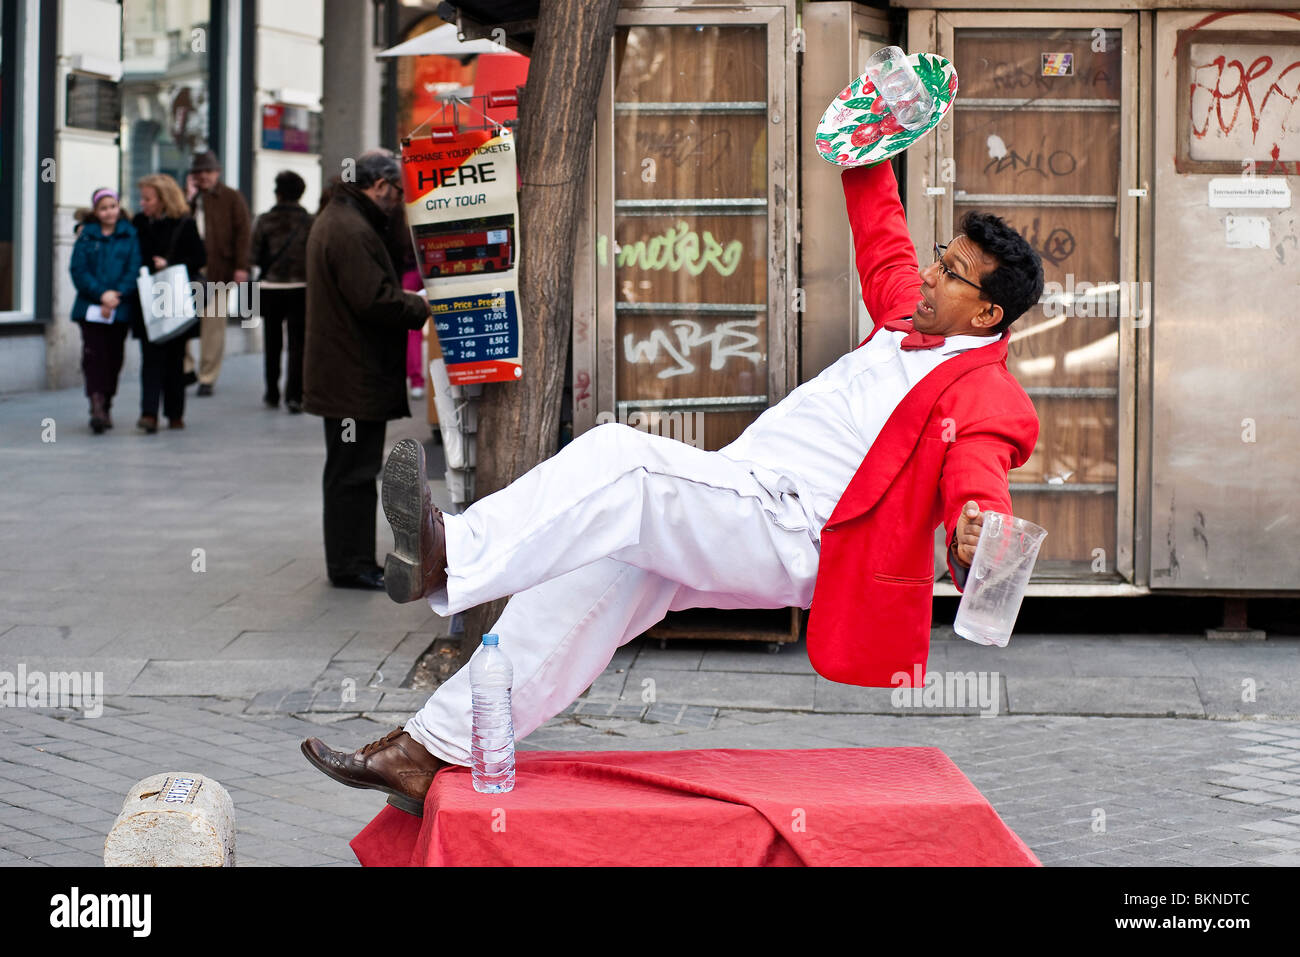 Waiter falling street performer, Madrid, Spain - Stock Image